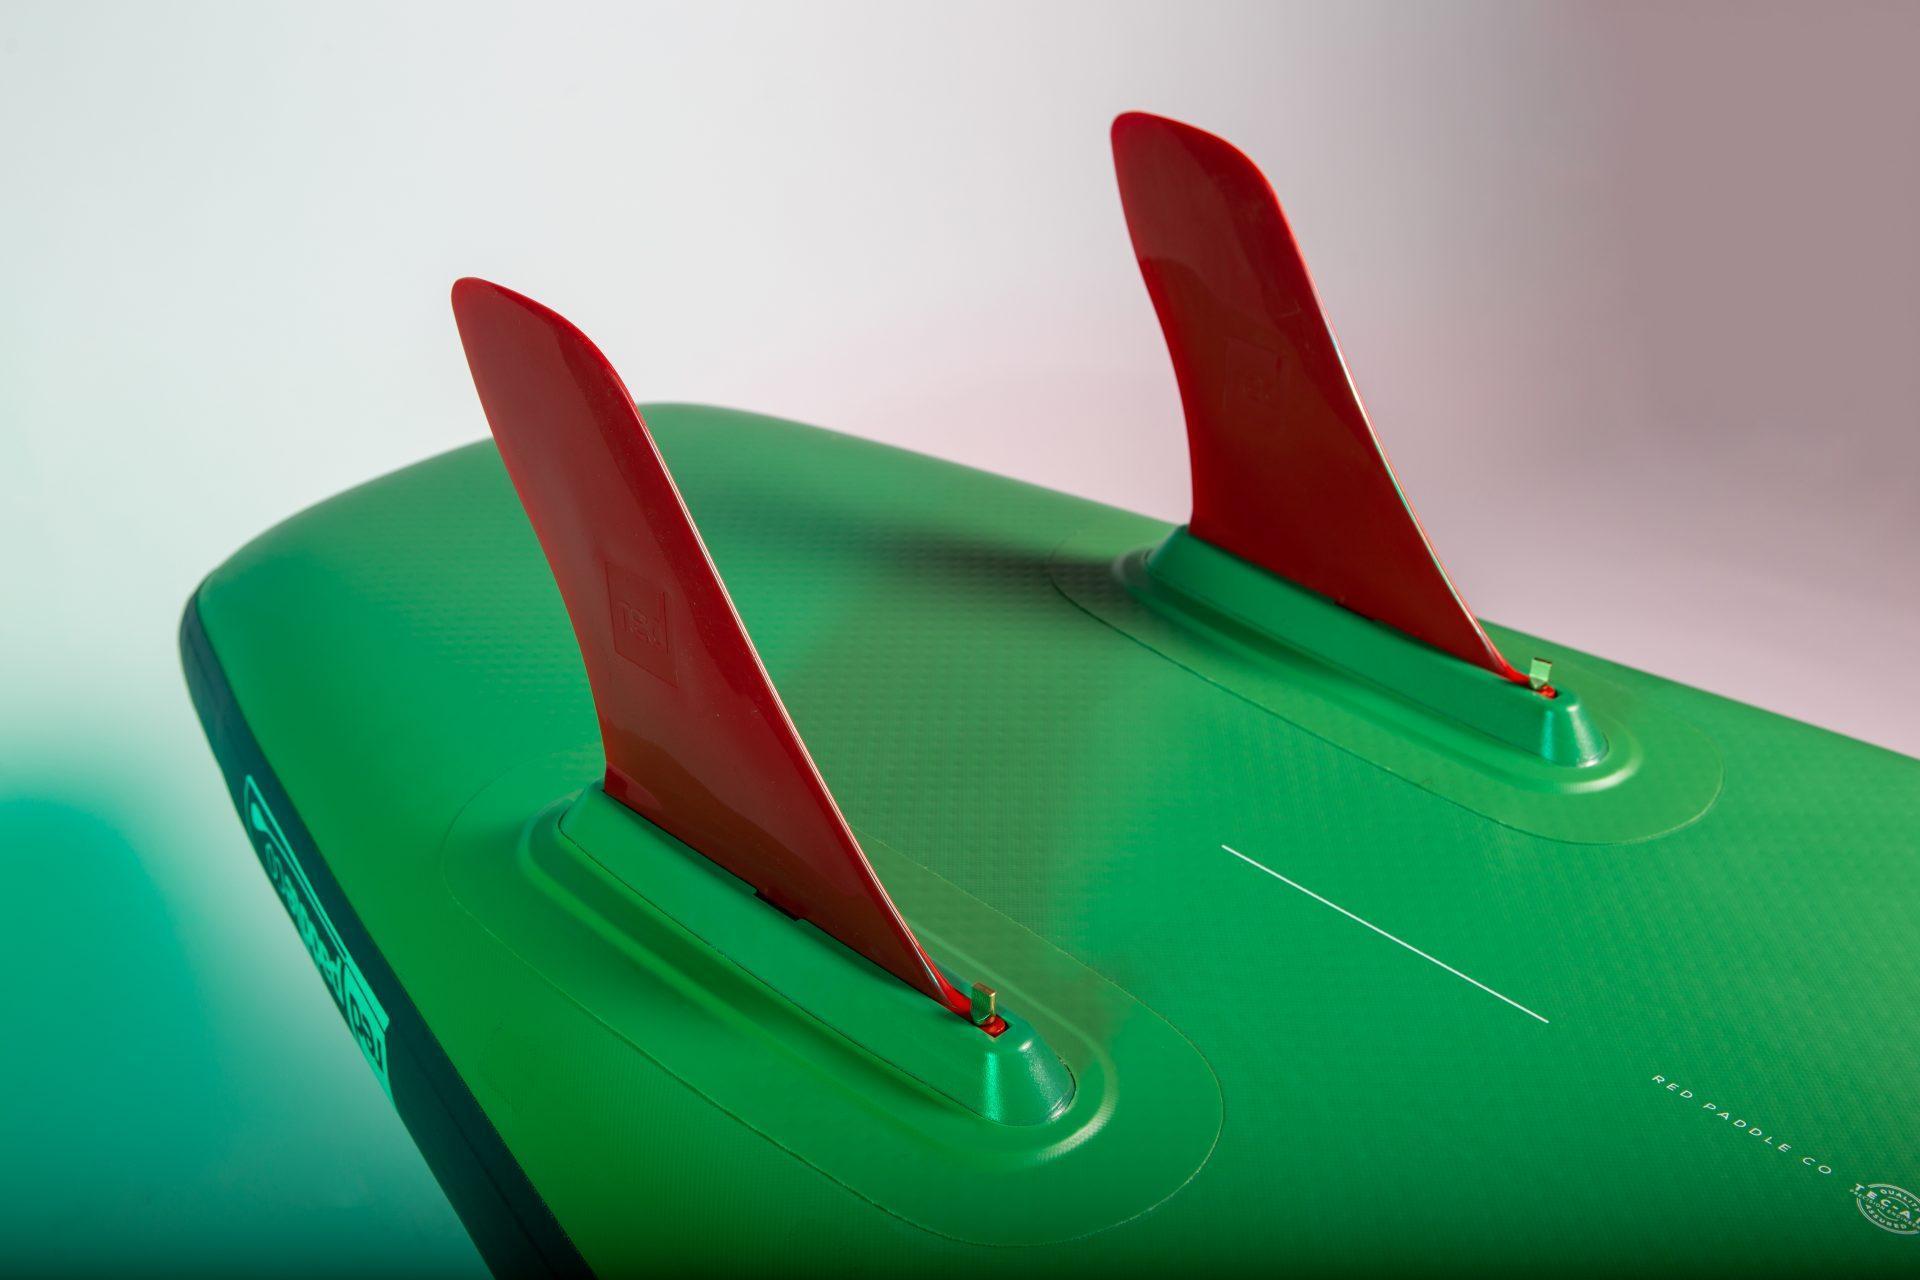 Red Paddle Co Voyager 13'2 ima nov sistem dveh smernikov